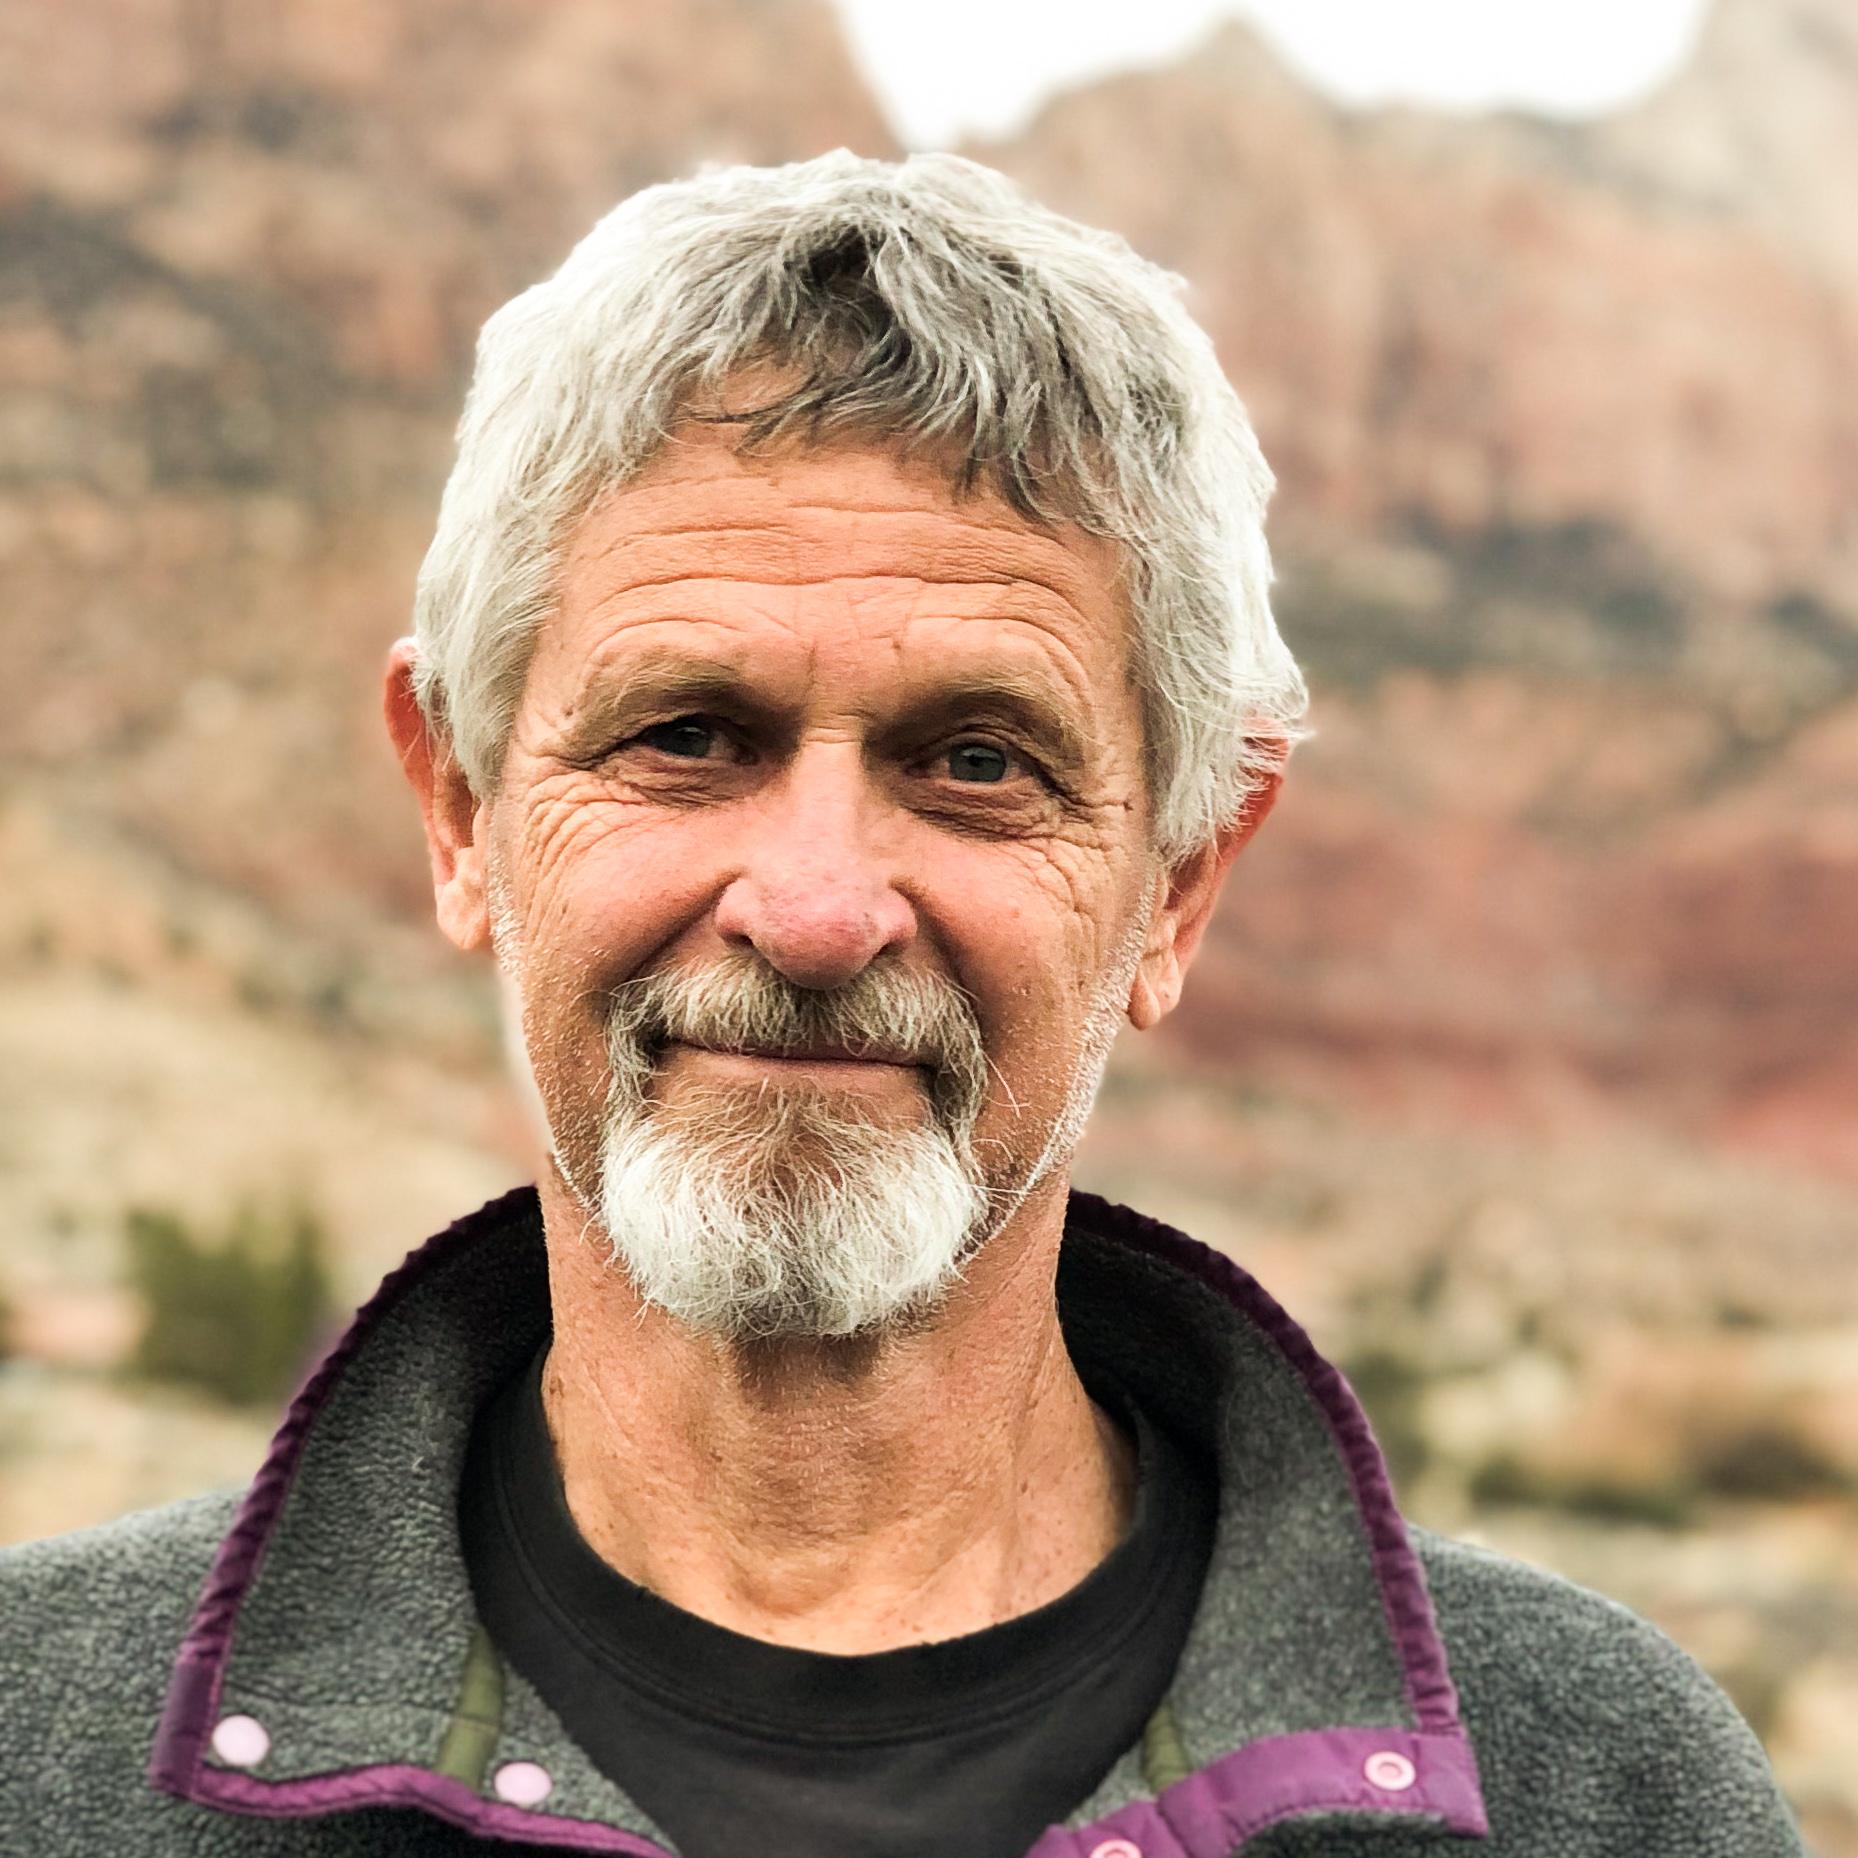 portrait of Randy Aton wearing a grey fleece